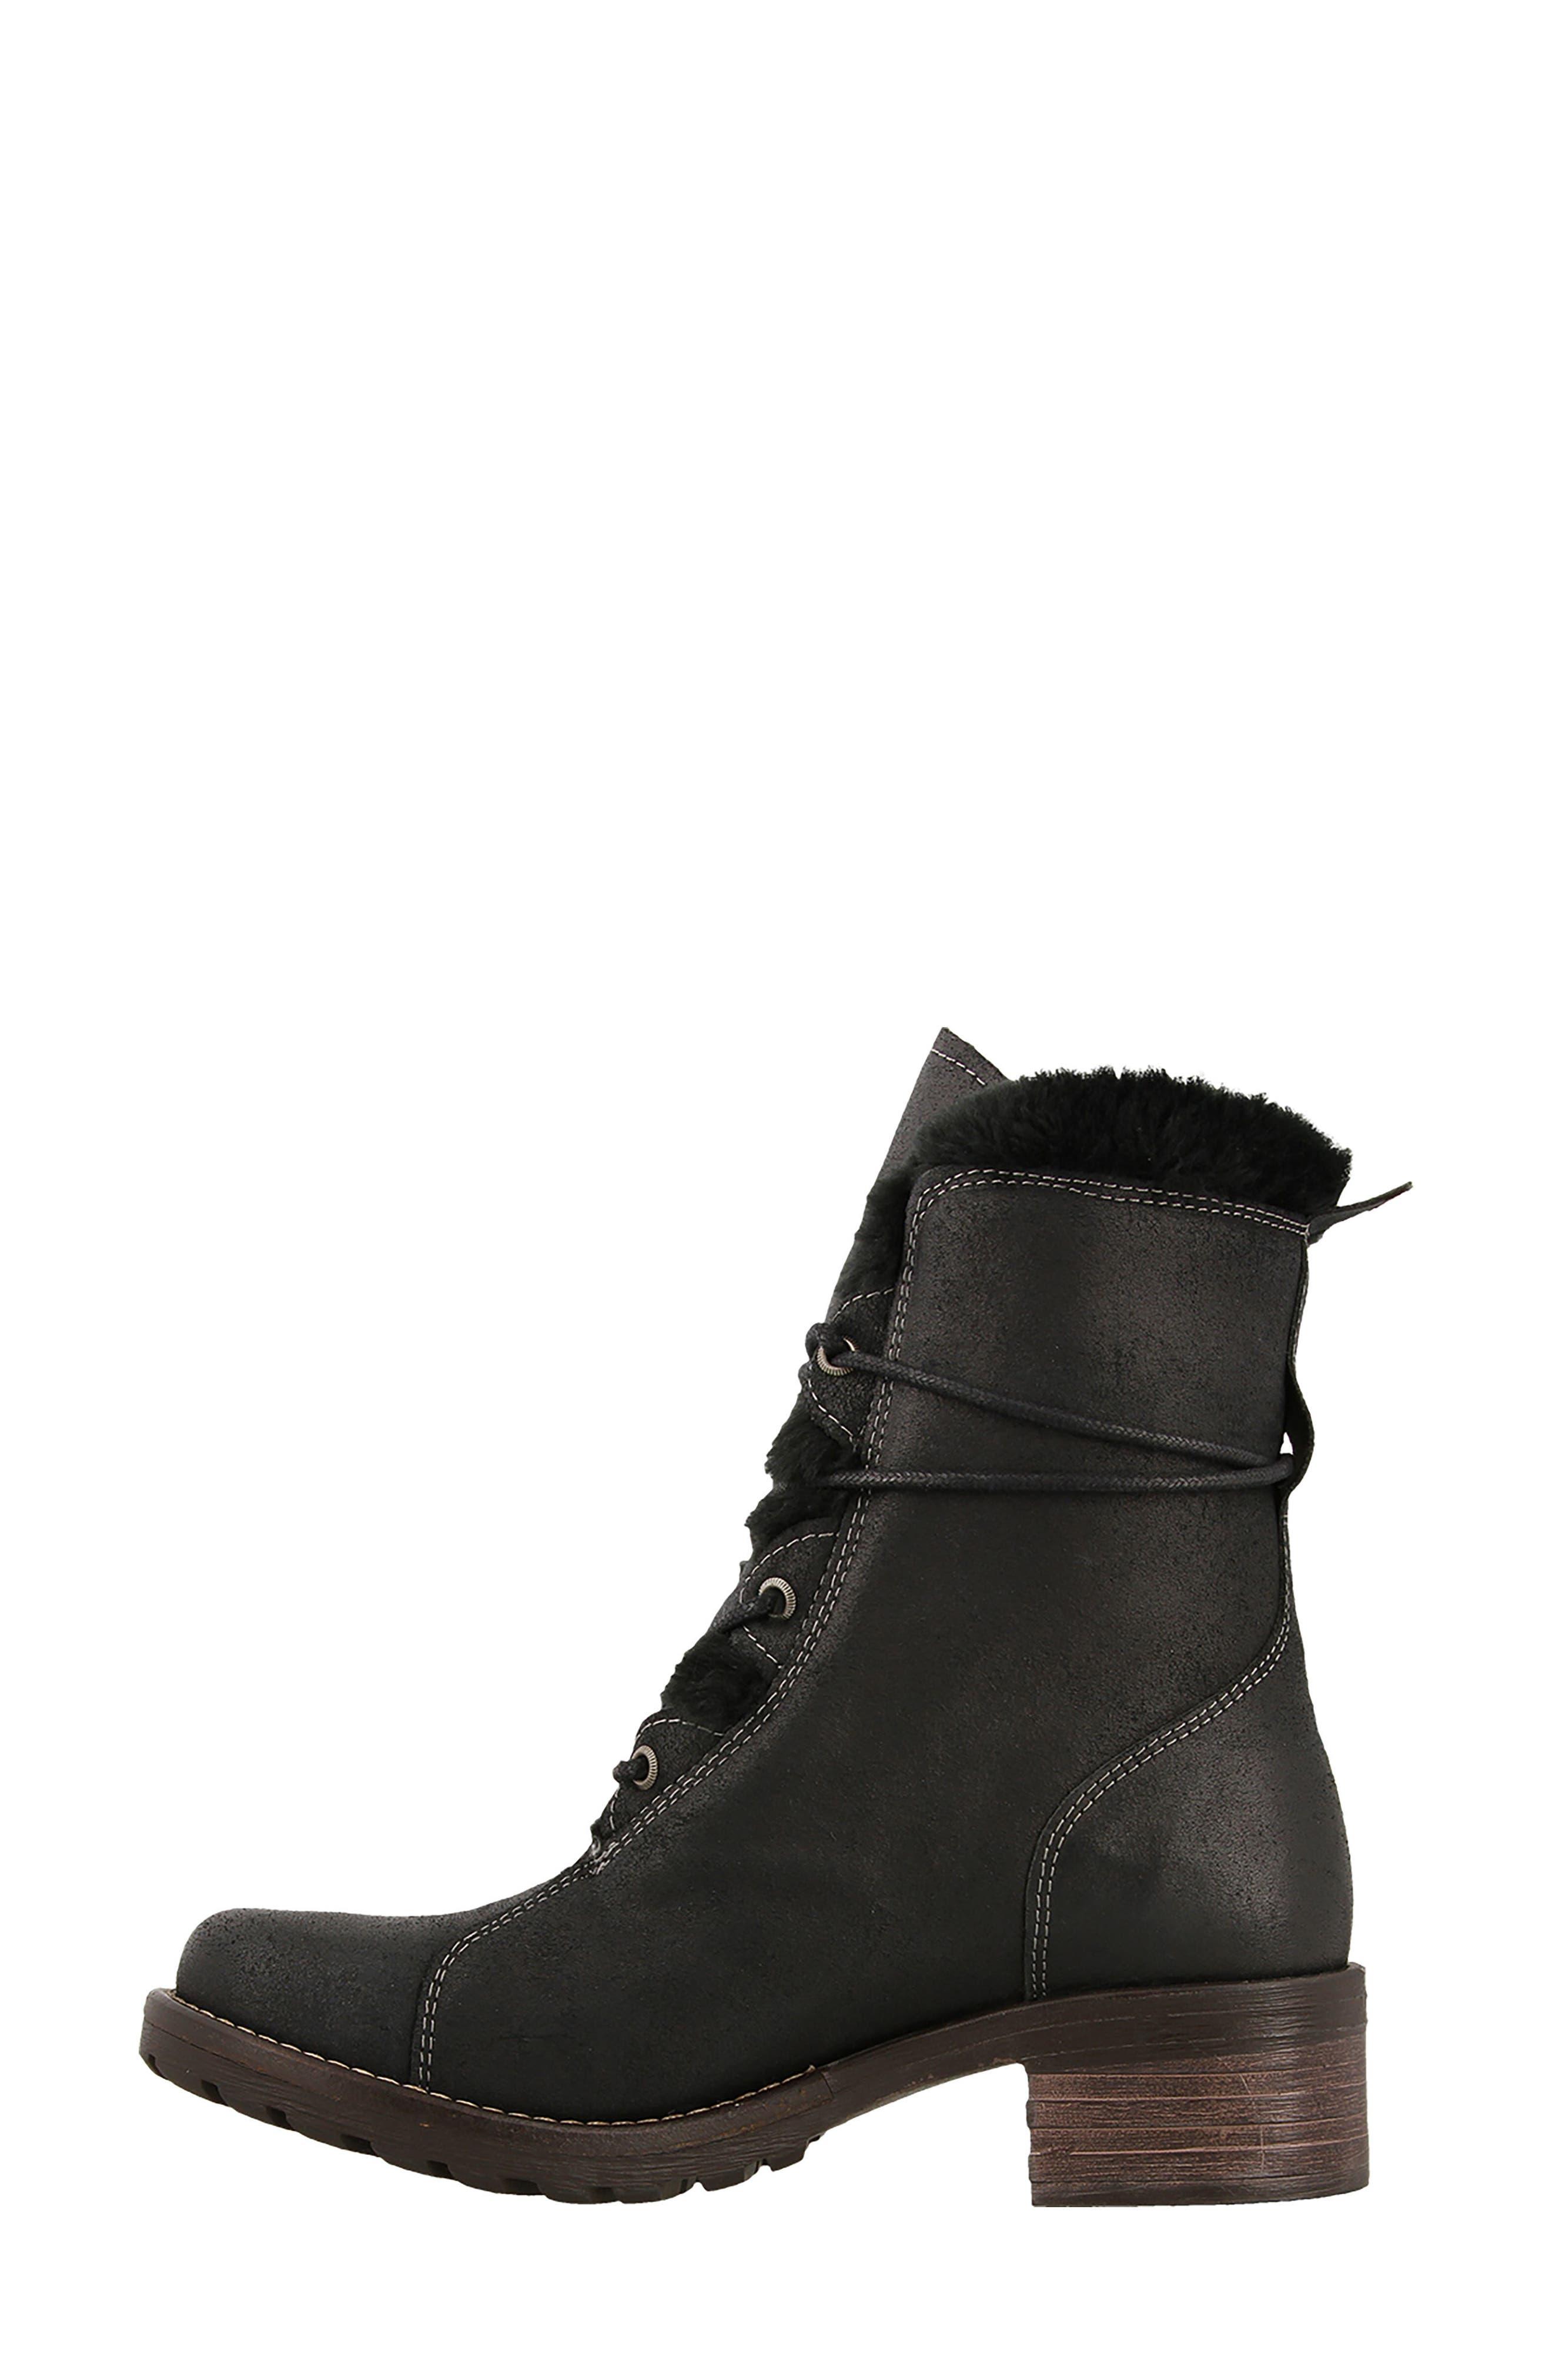 Furkle Boot with Faux Fur Trim,                             Alternate thumbnail 3, color,                             002